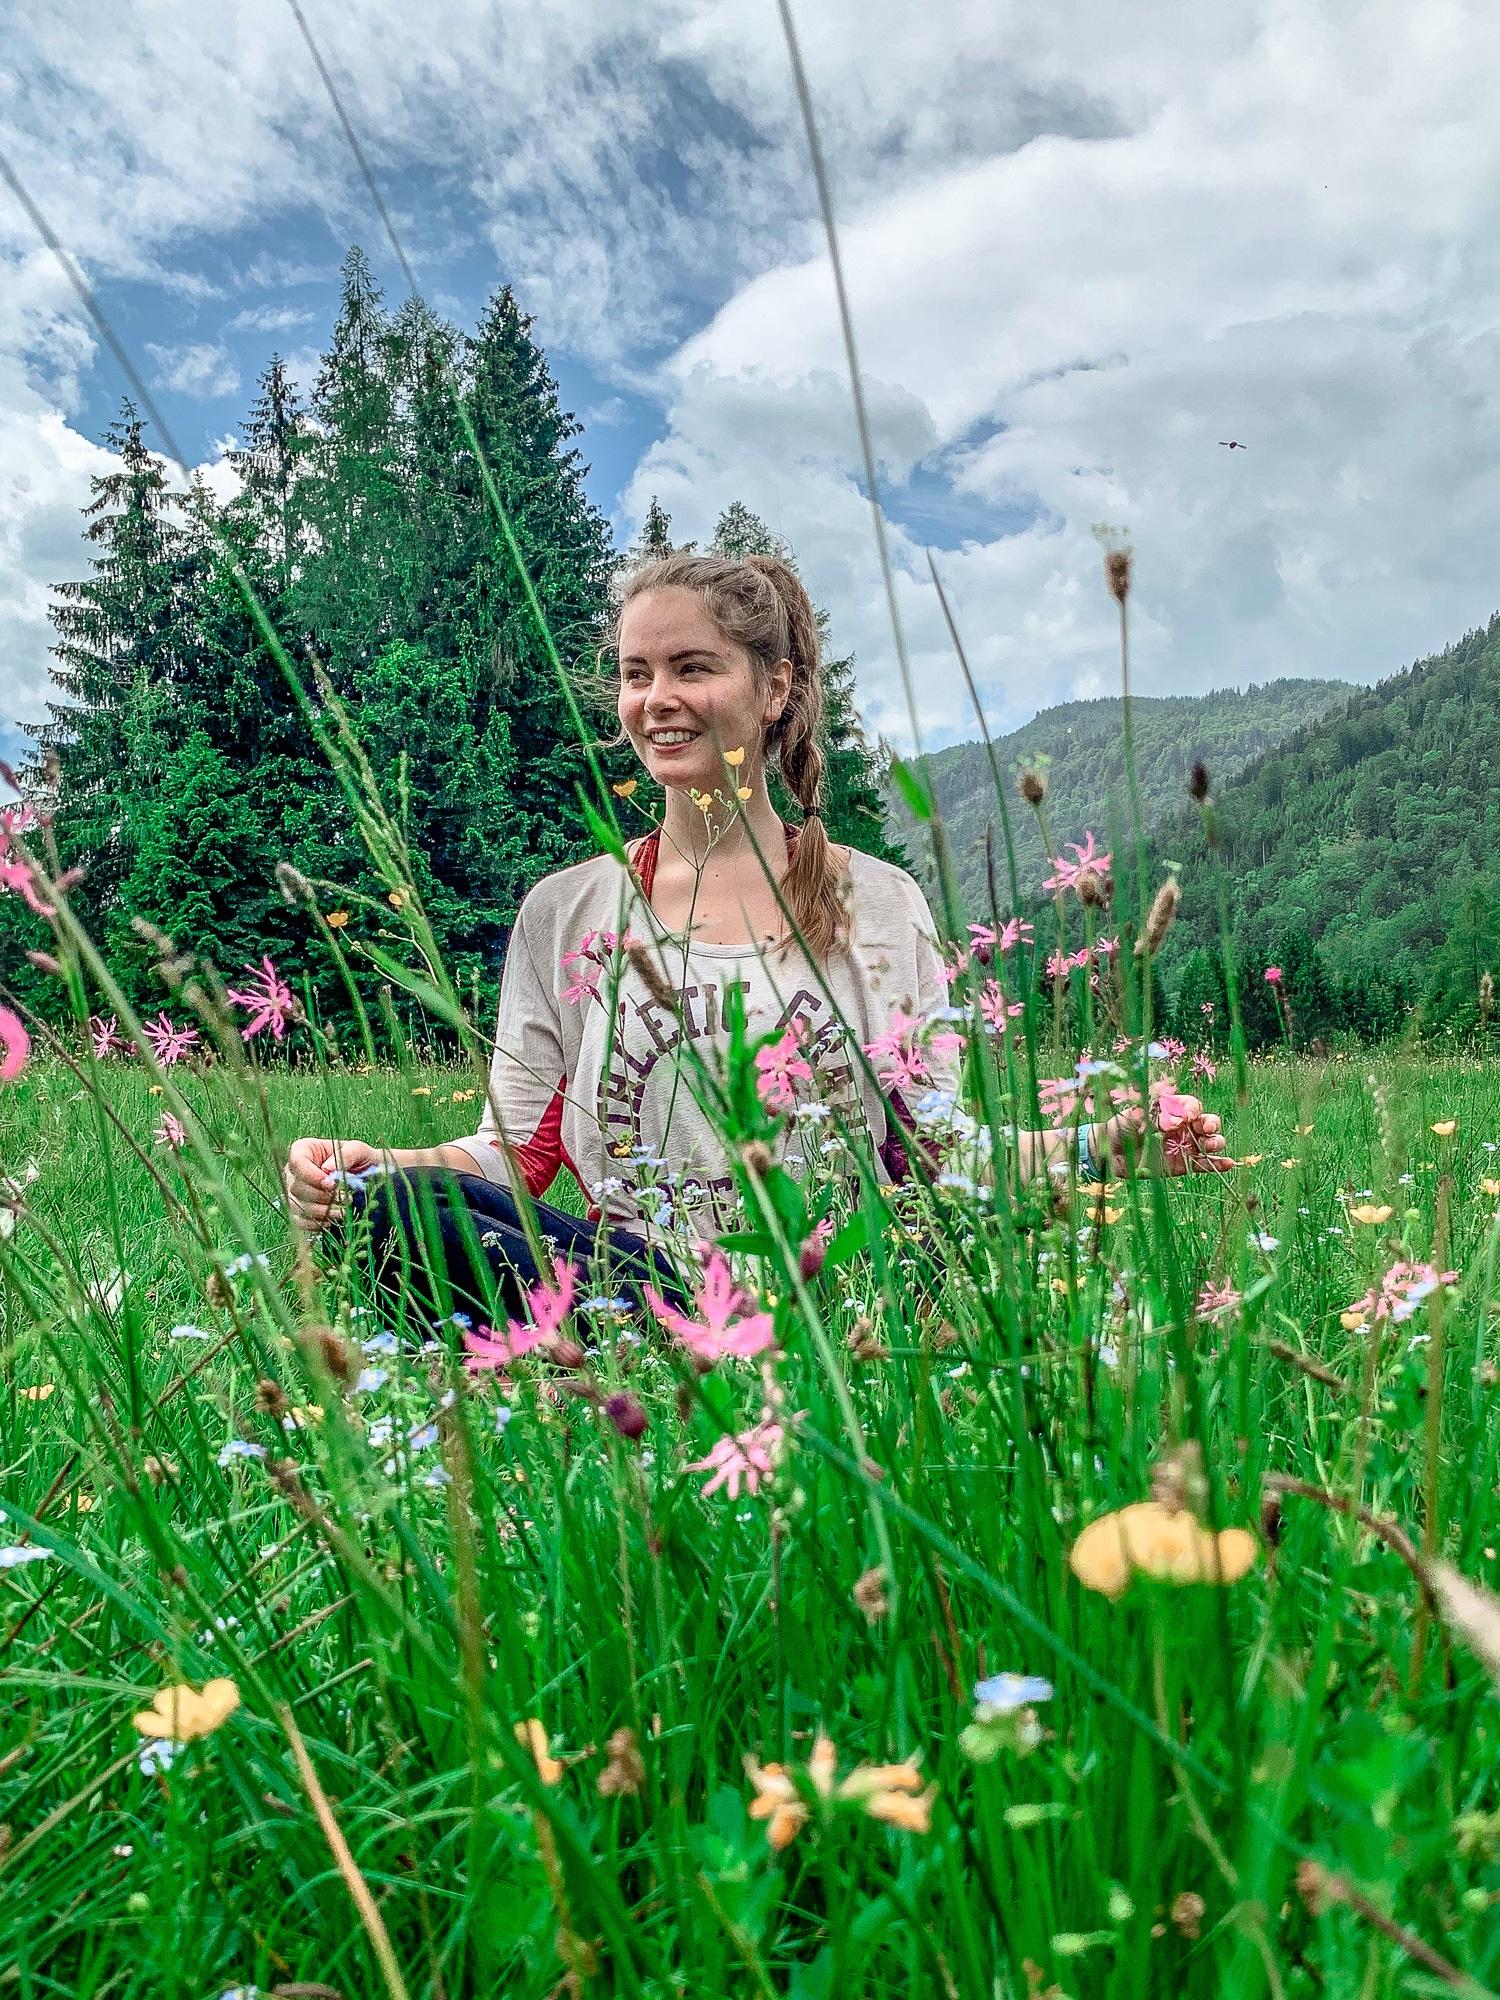 BergeSeen Trail: Erfahrungen auf der Weitwanderung im Salzkammergut - Etappe 3, Blumenwiese